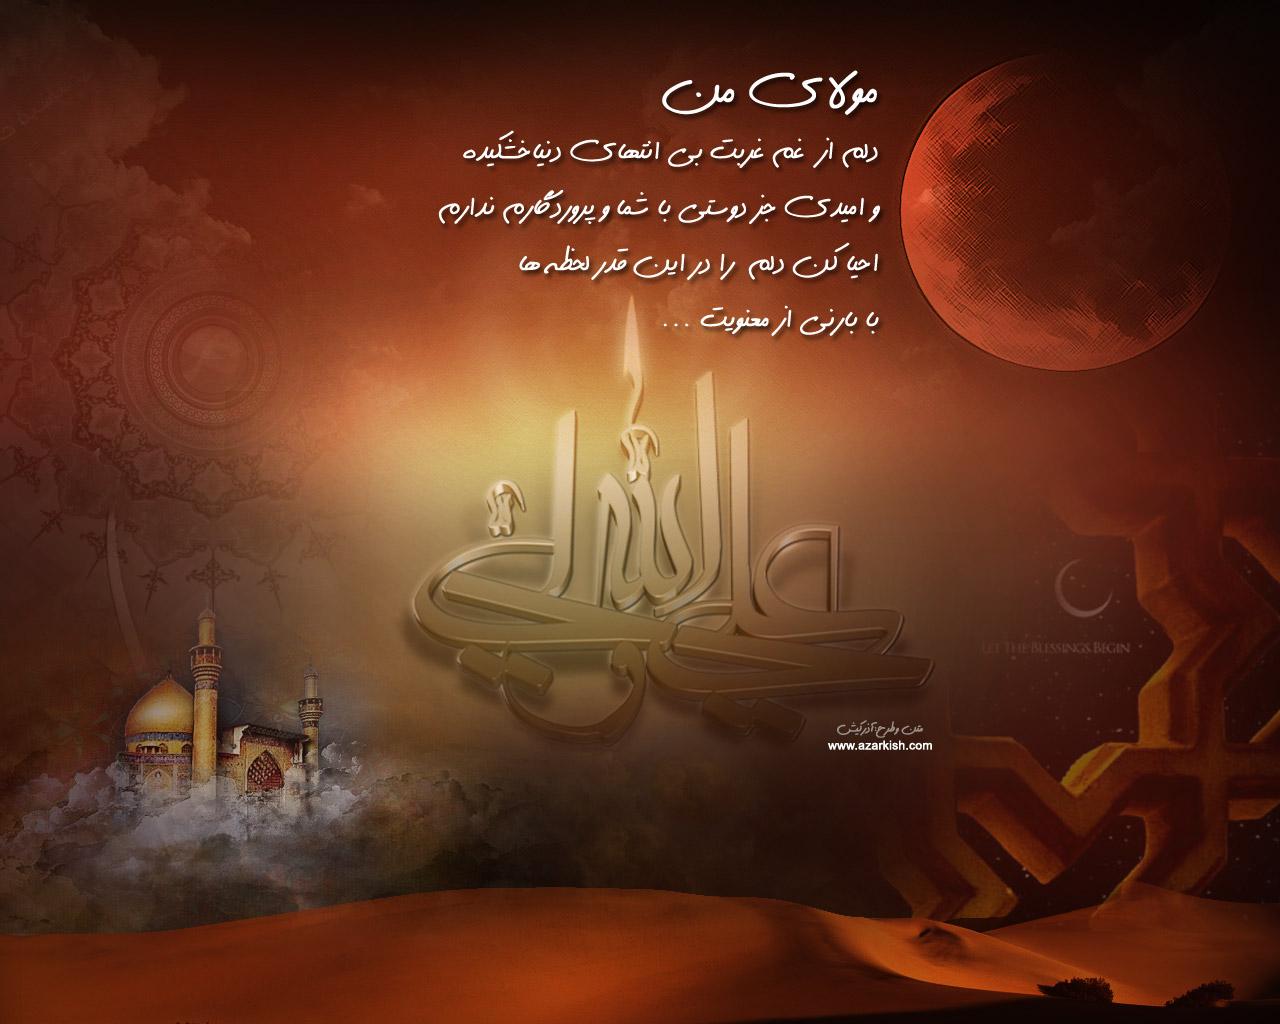 عکس مذهبی - طراحی : محمد آذرکیش